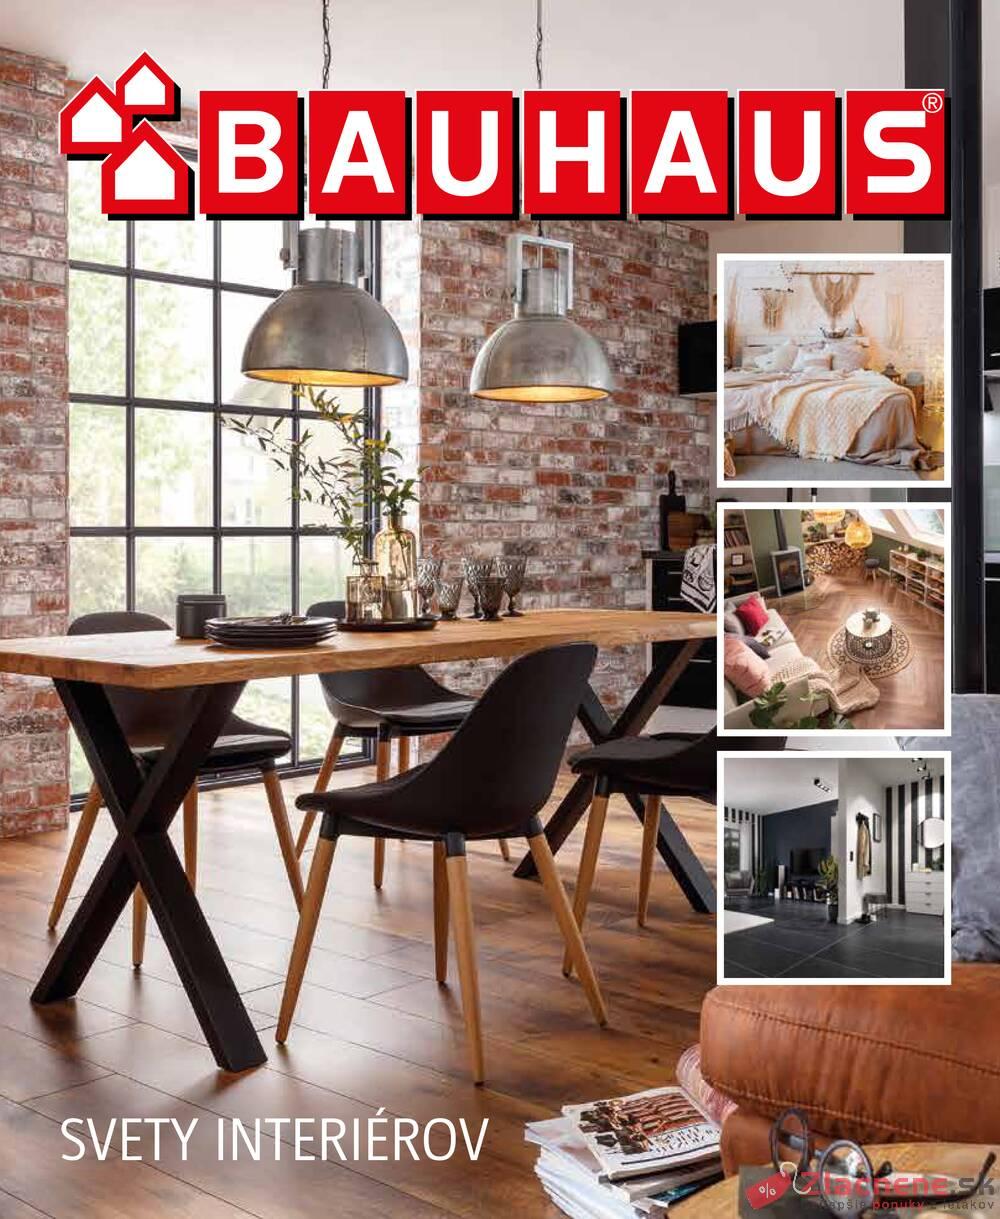 Leták Bauhaus - Bauhaus SVETY INTERIÉROV 11.10. - 31.12.2022 - strana 1